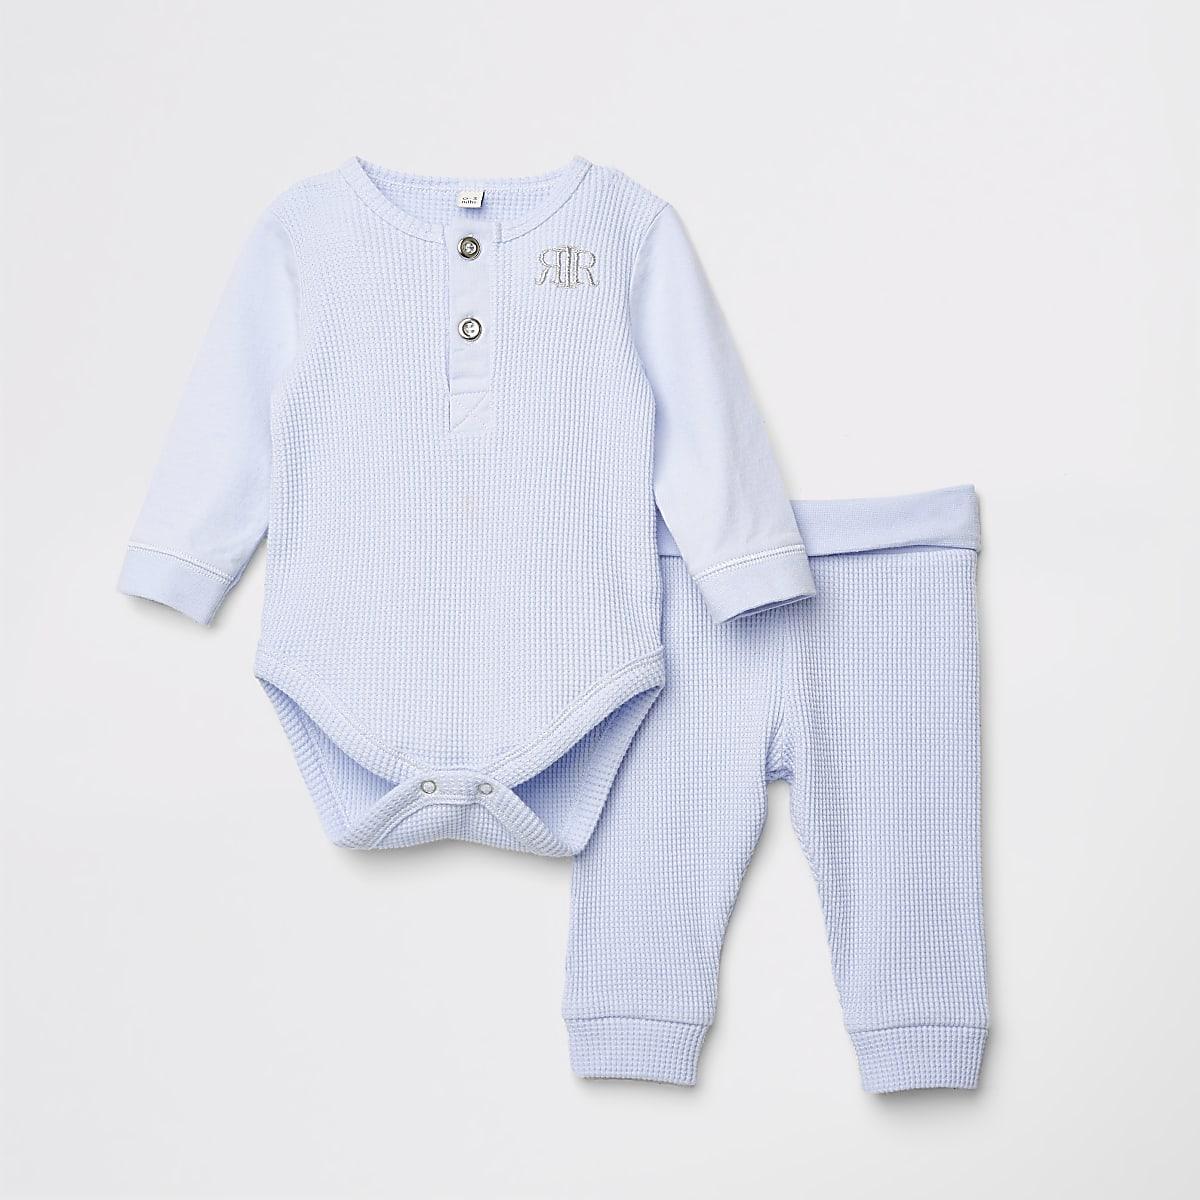 Baby-Outfit mit blauem RI Strampler und Leggings